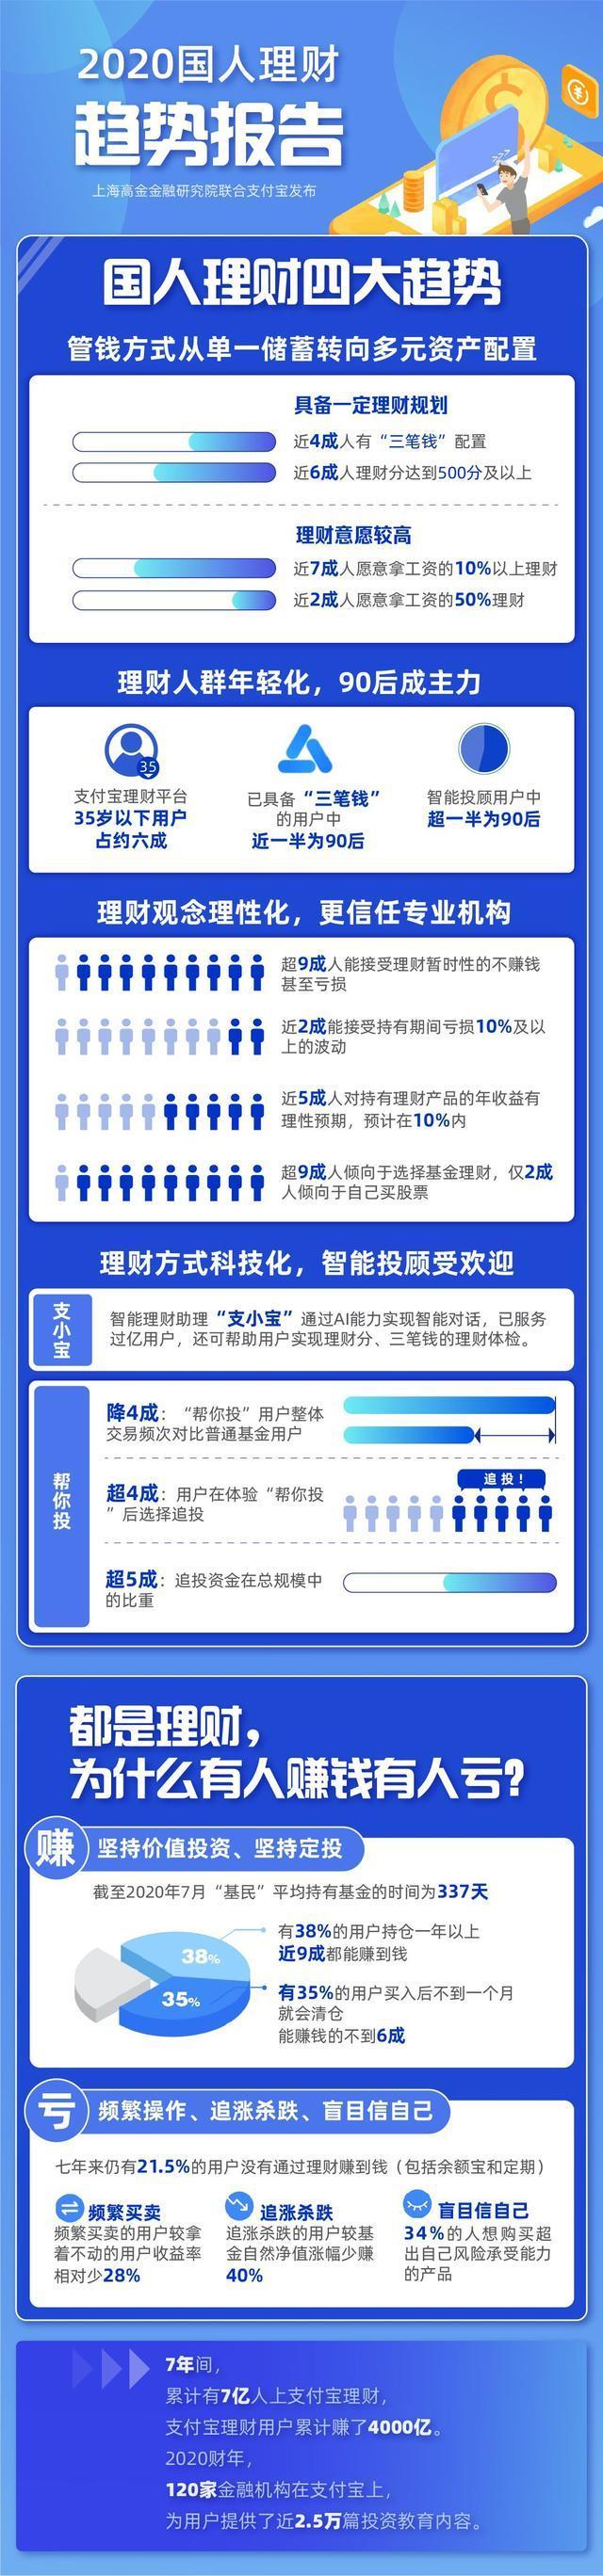 2020中国人投资理财发展趋势汇报:华北地区湖北人最会投资理财 第3张